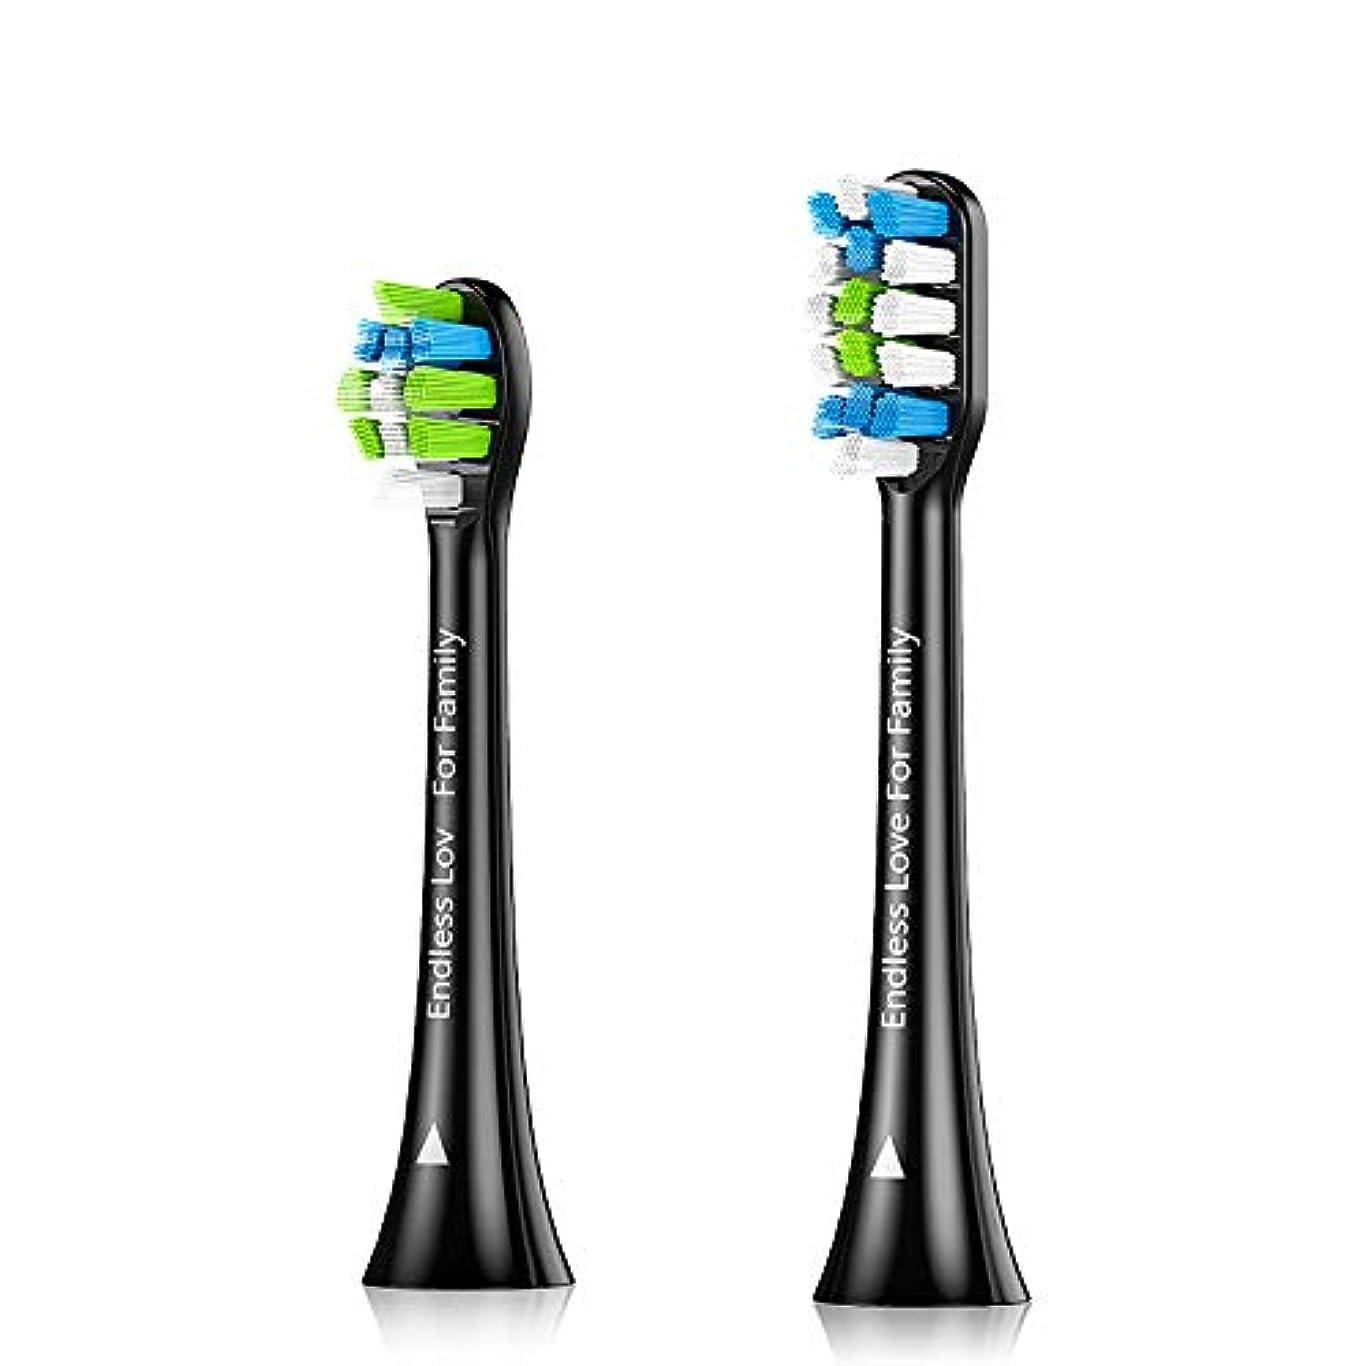 報酬のモーション削除するProscenic 電動歯ブラシ 替えブラシ2本 サイズ分け (ブラック)